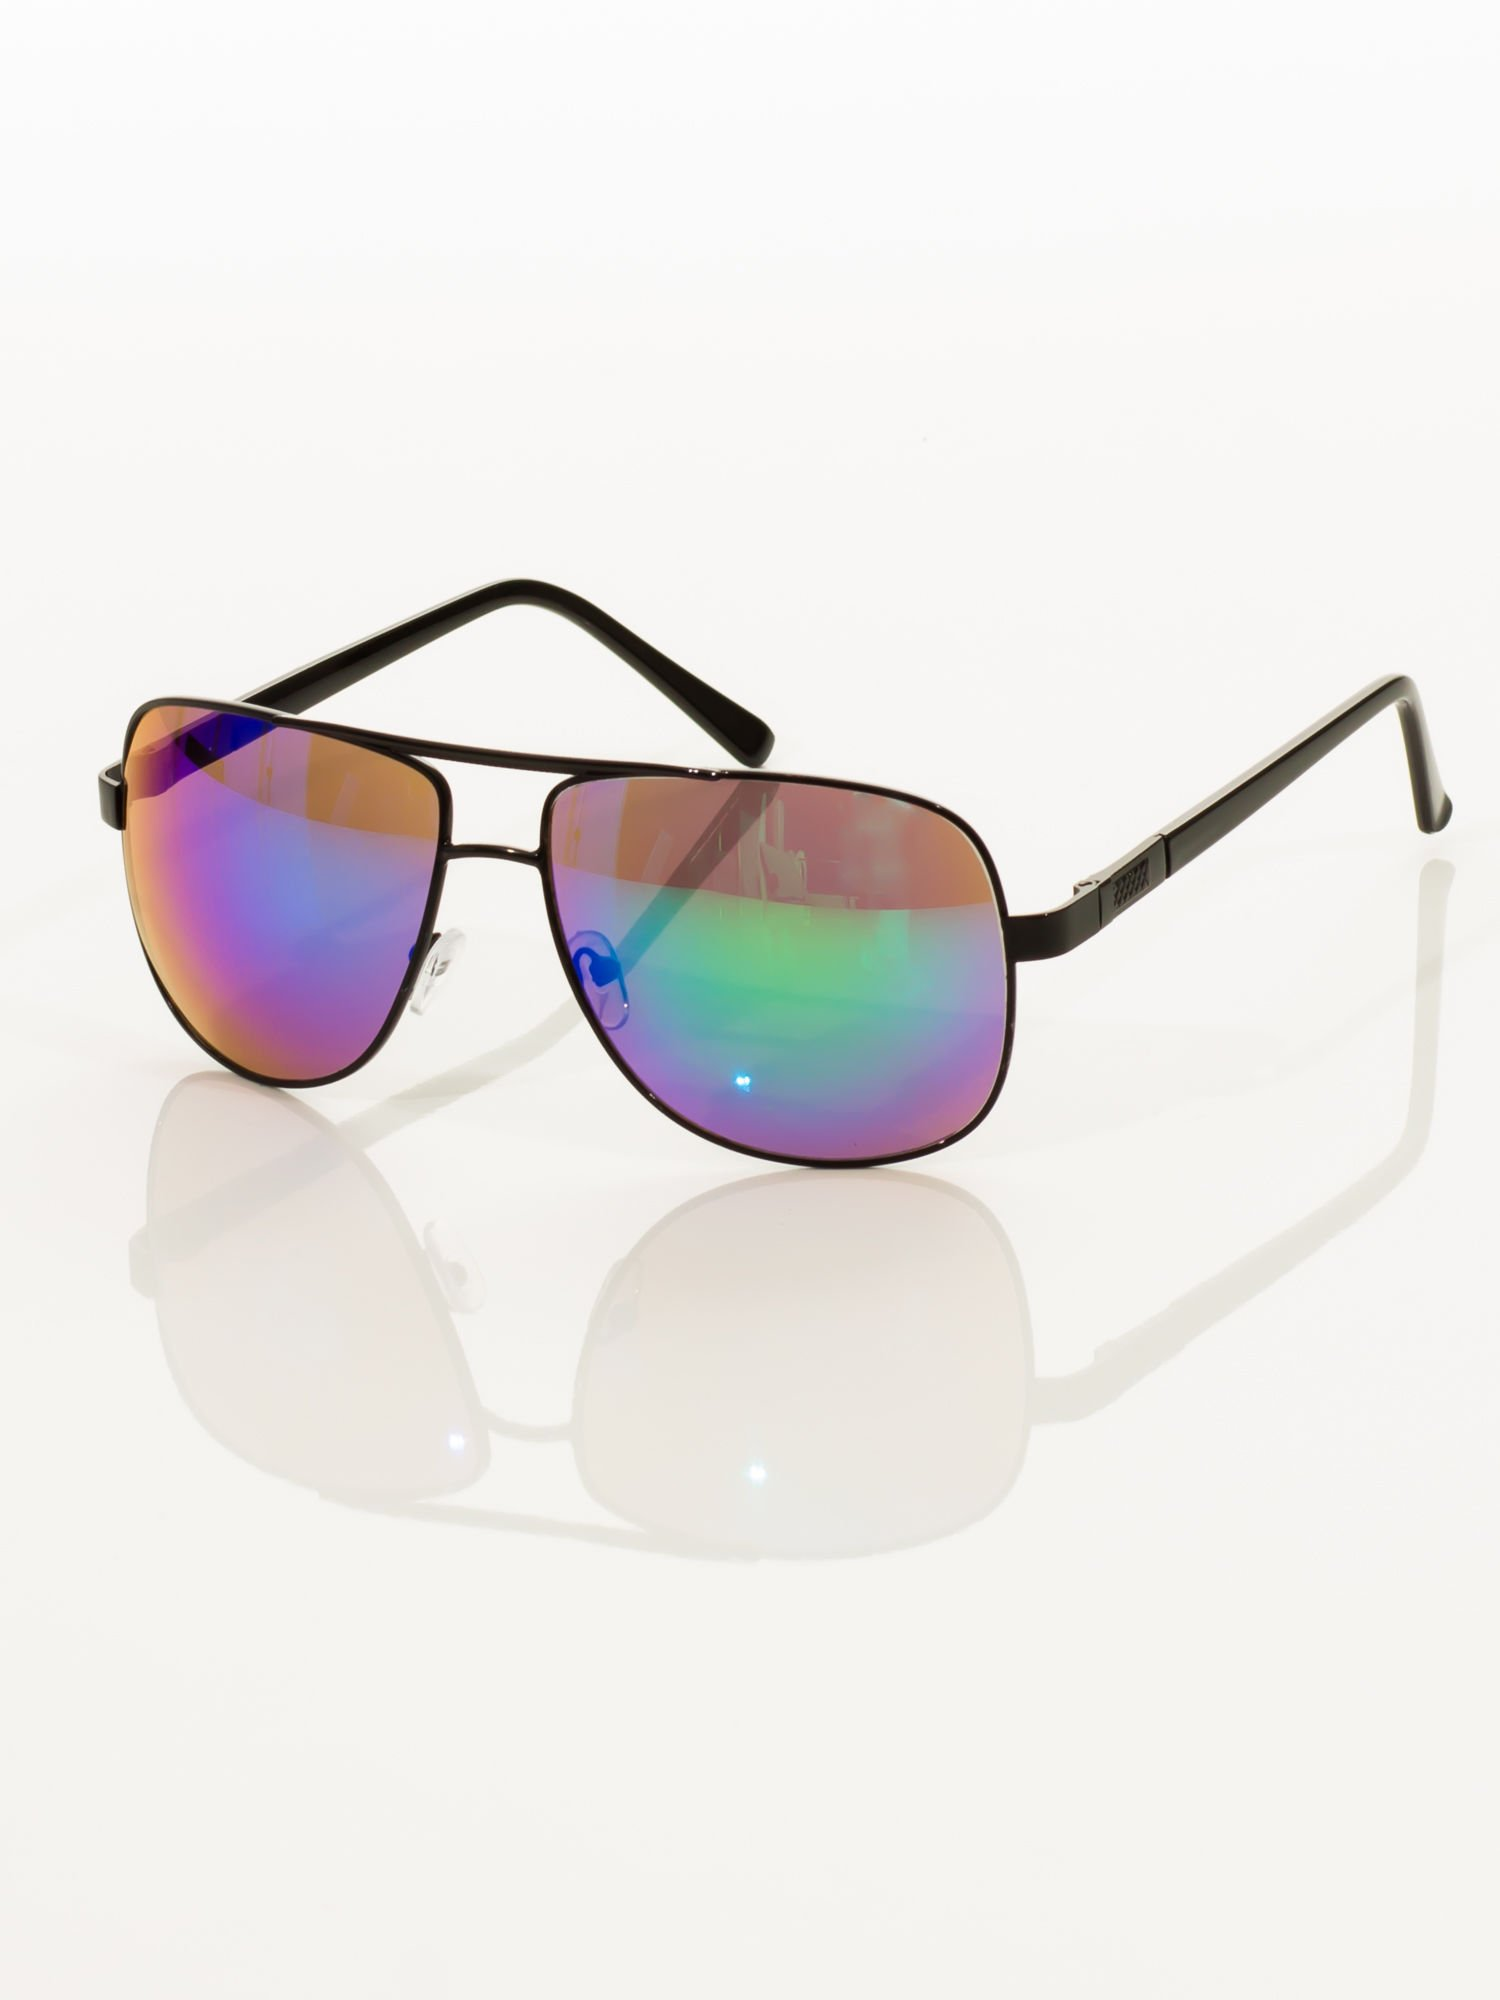 Czarne pilotki męskie okulary przeciwsłoneczne z systemem